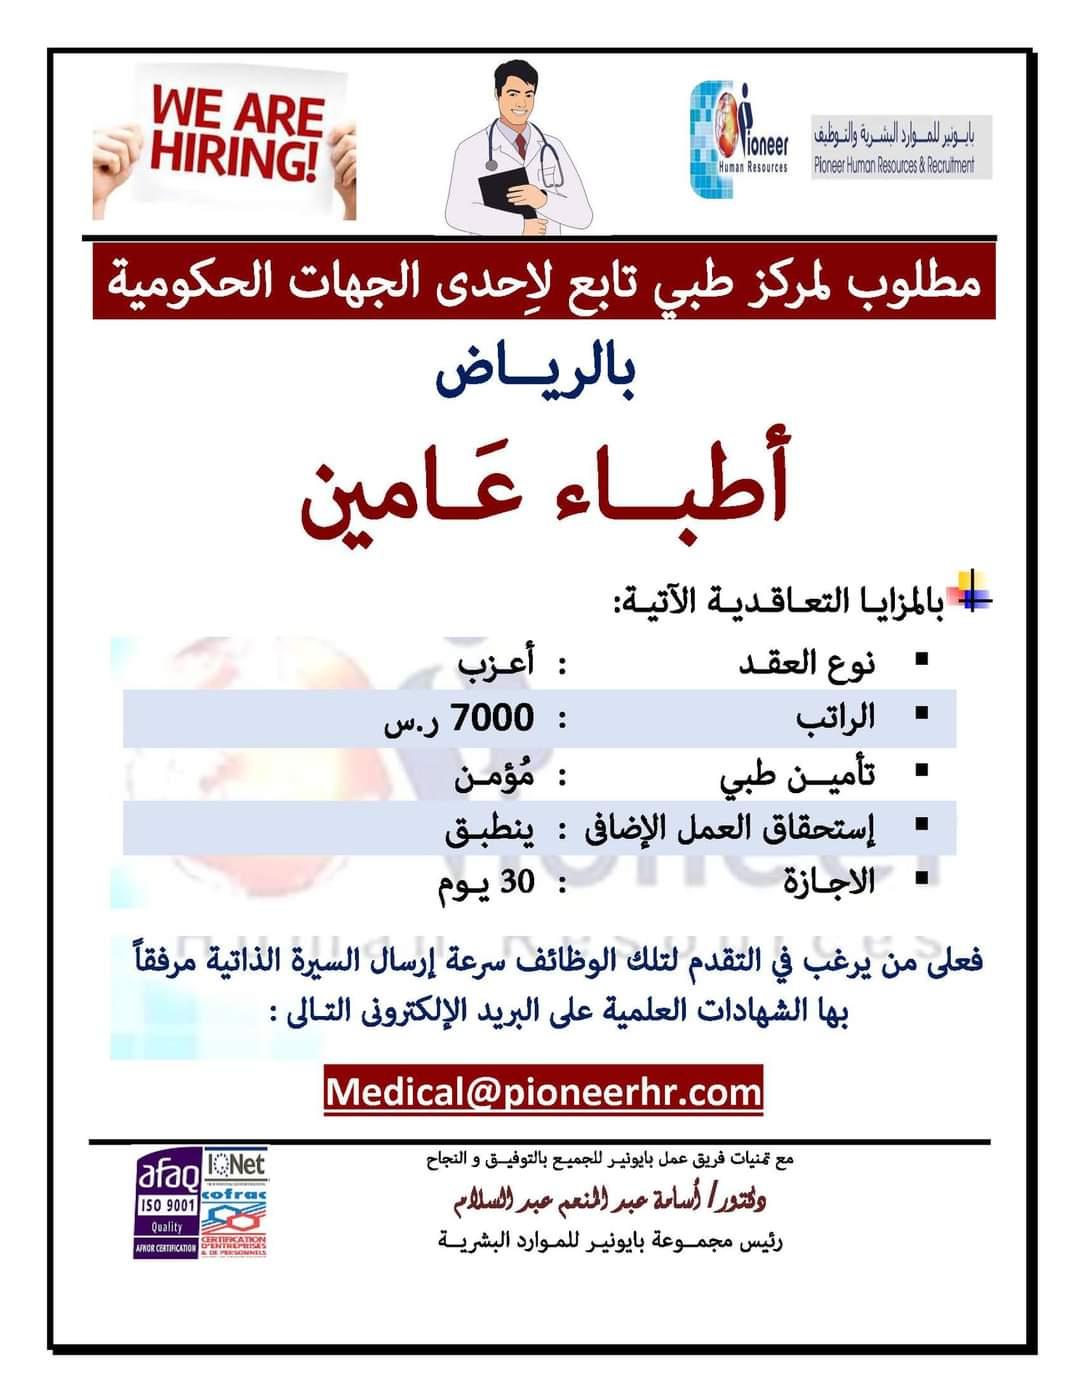 صورة مطلوب لمركز طبى تابع لاحدى الجهات الحكوميه